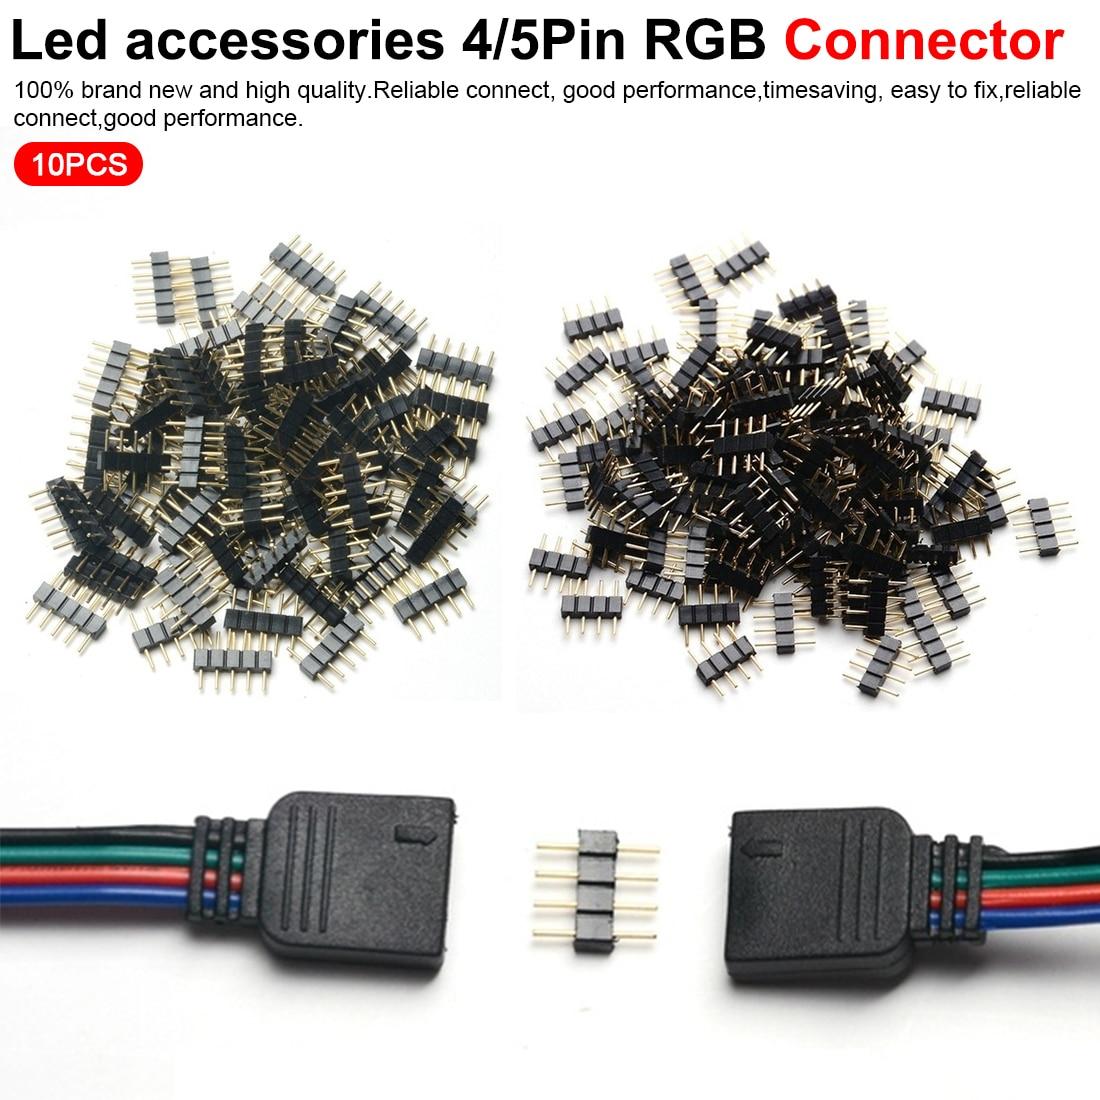 O tipo masculino da agulha do pino do adaptador do conector do rgb do pino dos acessórios 4 do diodo emissor de luz agradável/5pin para rgb/rgbw 5050 3528 conduziu a luz de tira